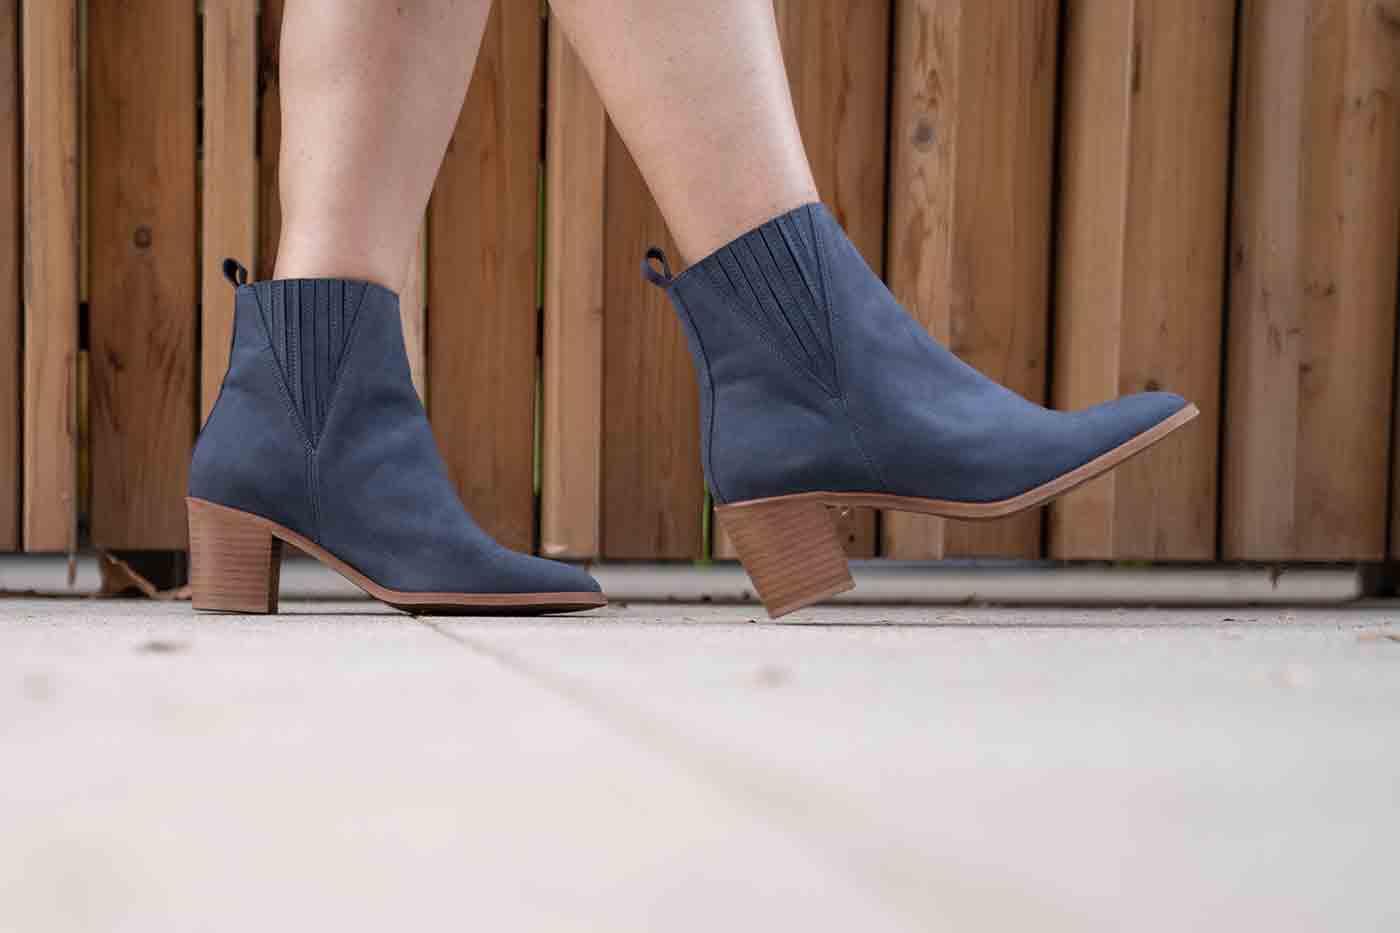 Sara bootie from Novacas vegan shoes in bloe